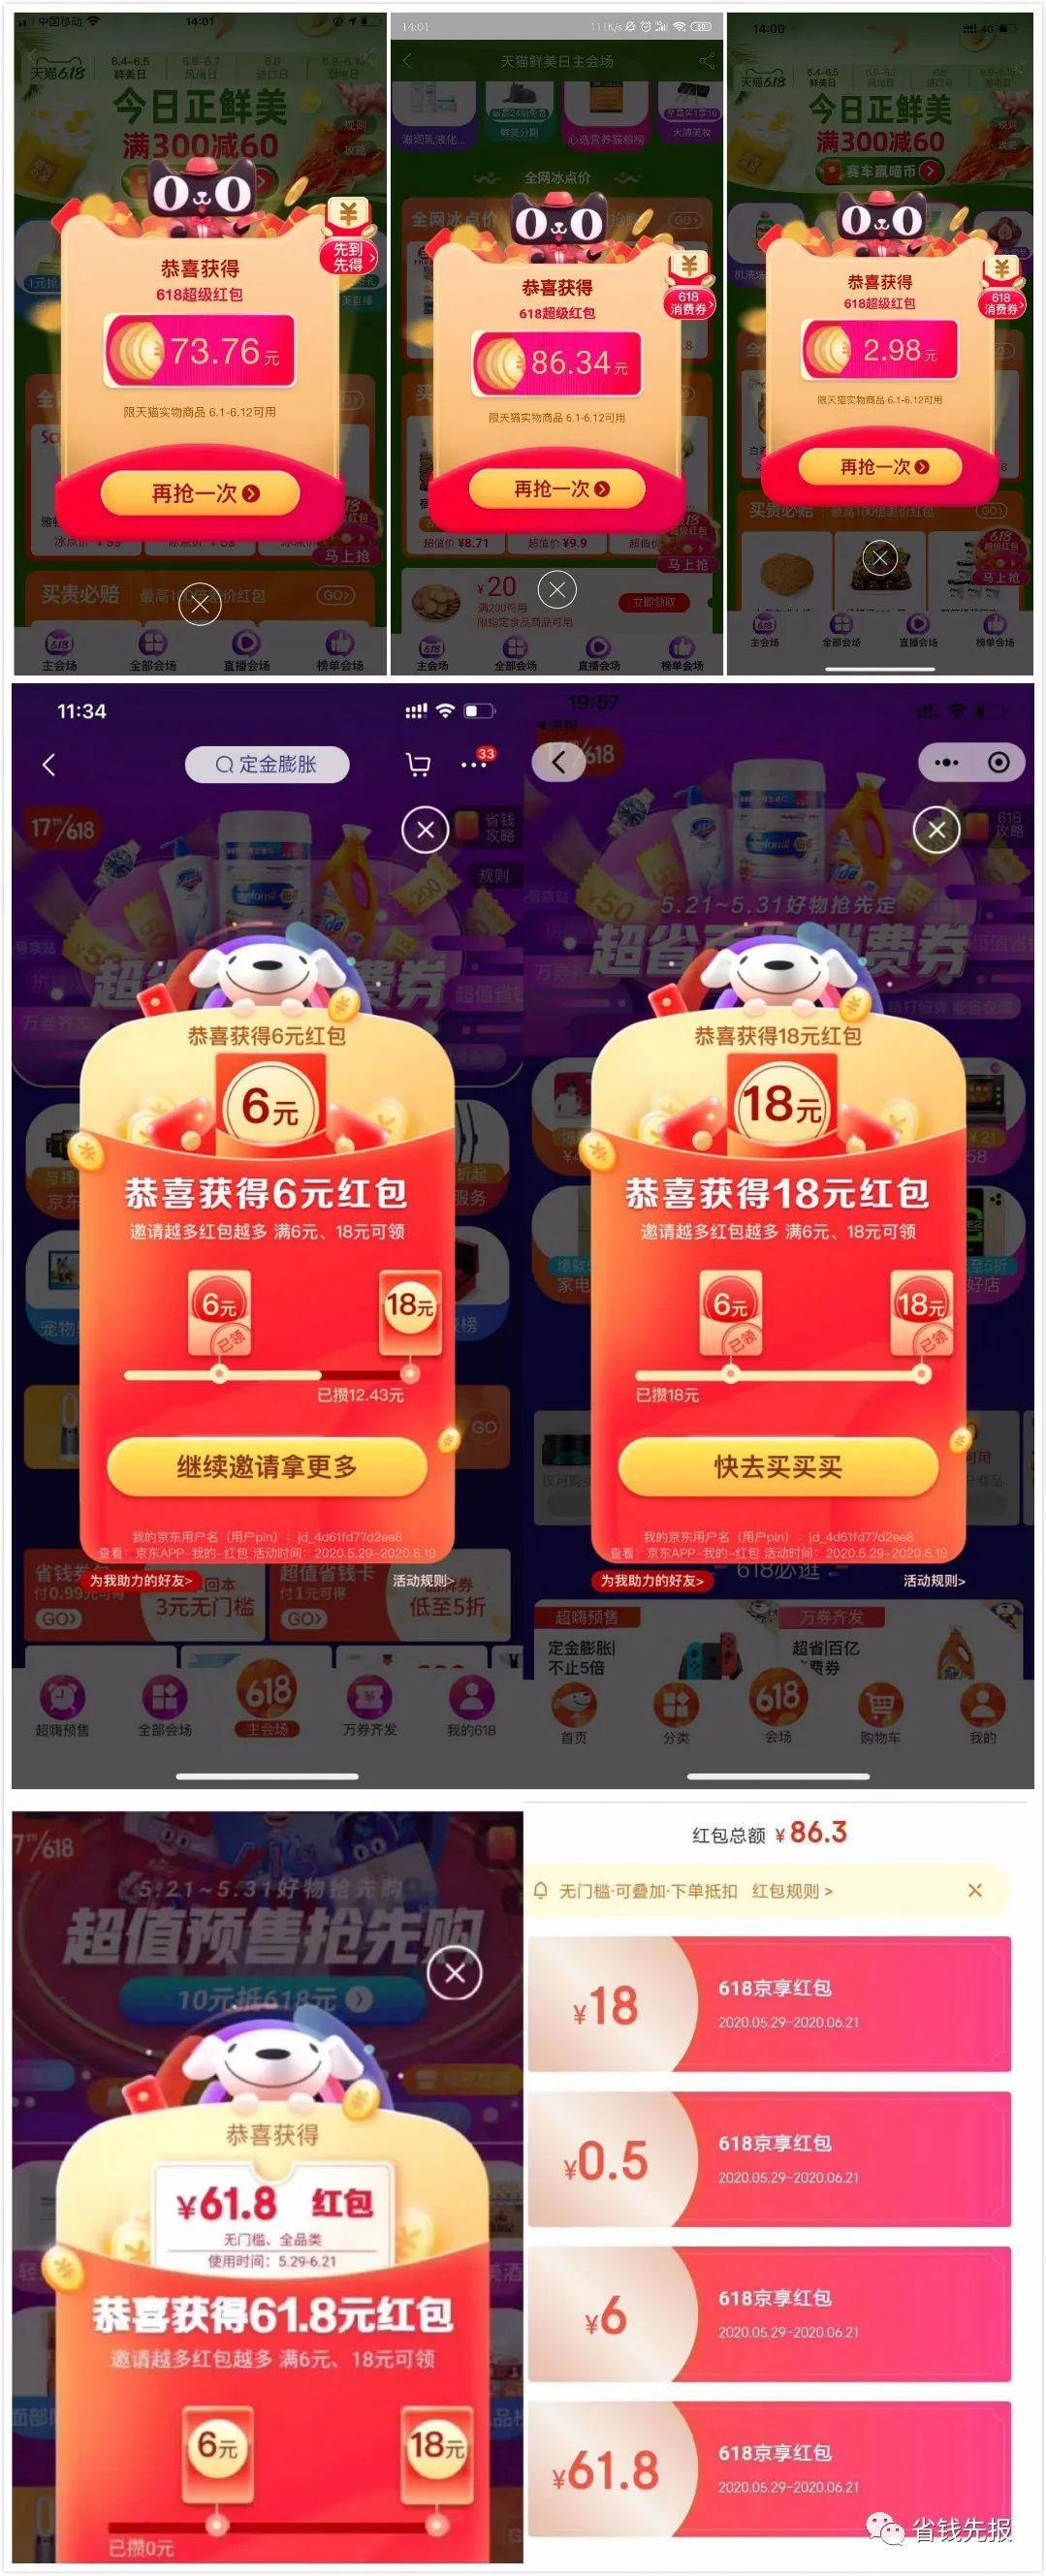 天猫京东618红包、话费79元、建行红包、酷狗音乐会员、顺丰快递寄件立减券!